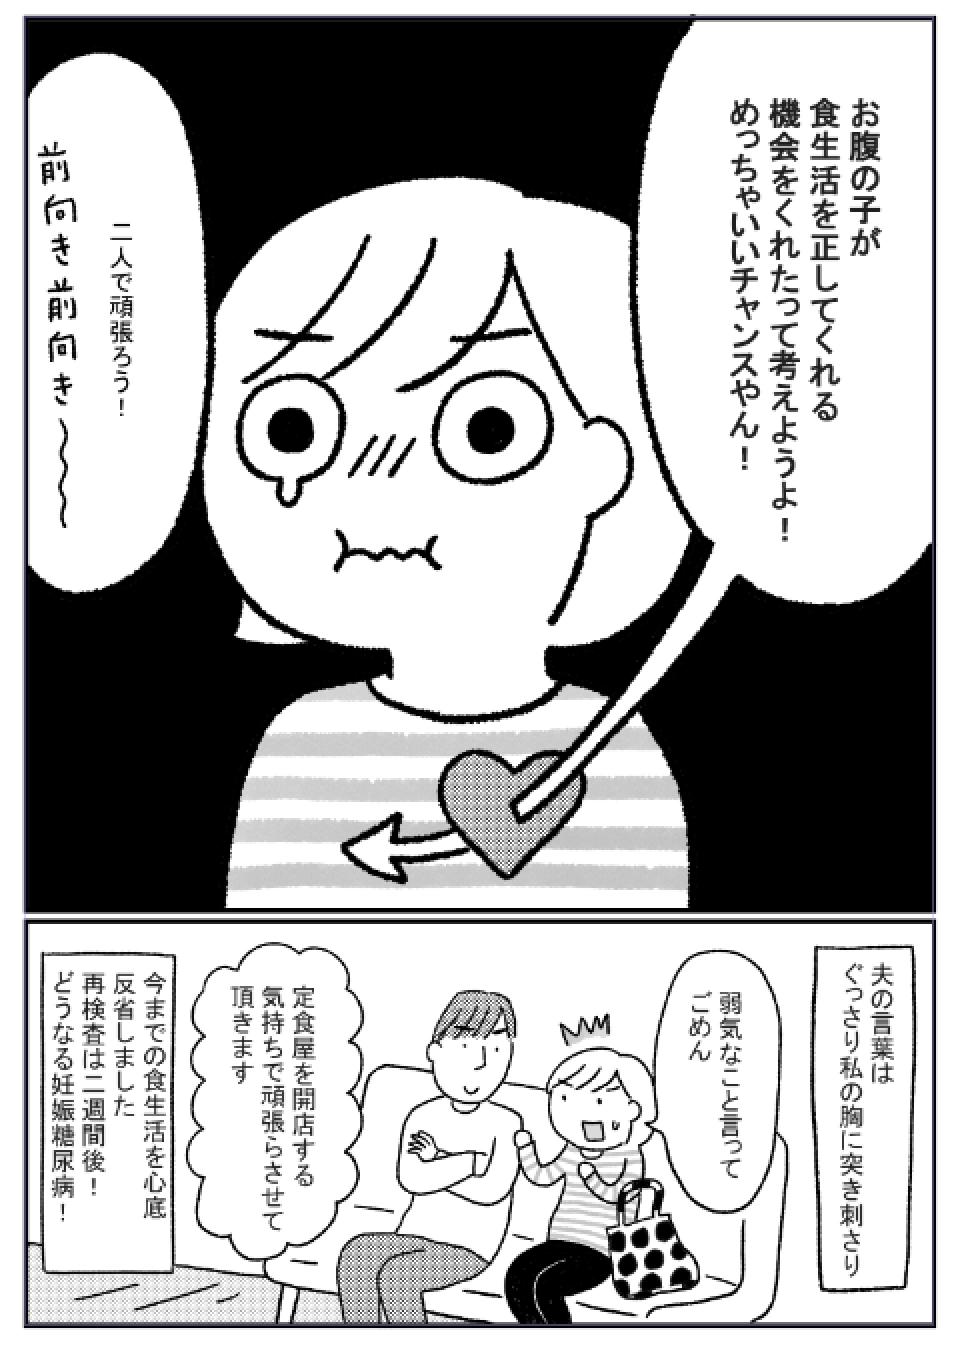 連載「親ふたり子ふたり」コミックエッセイ<cakes>